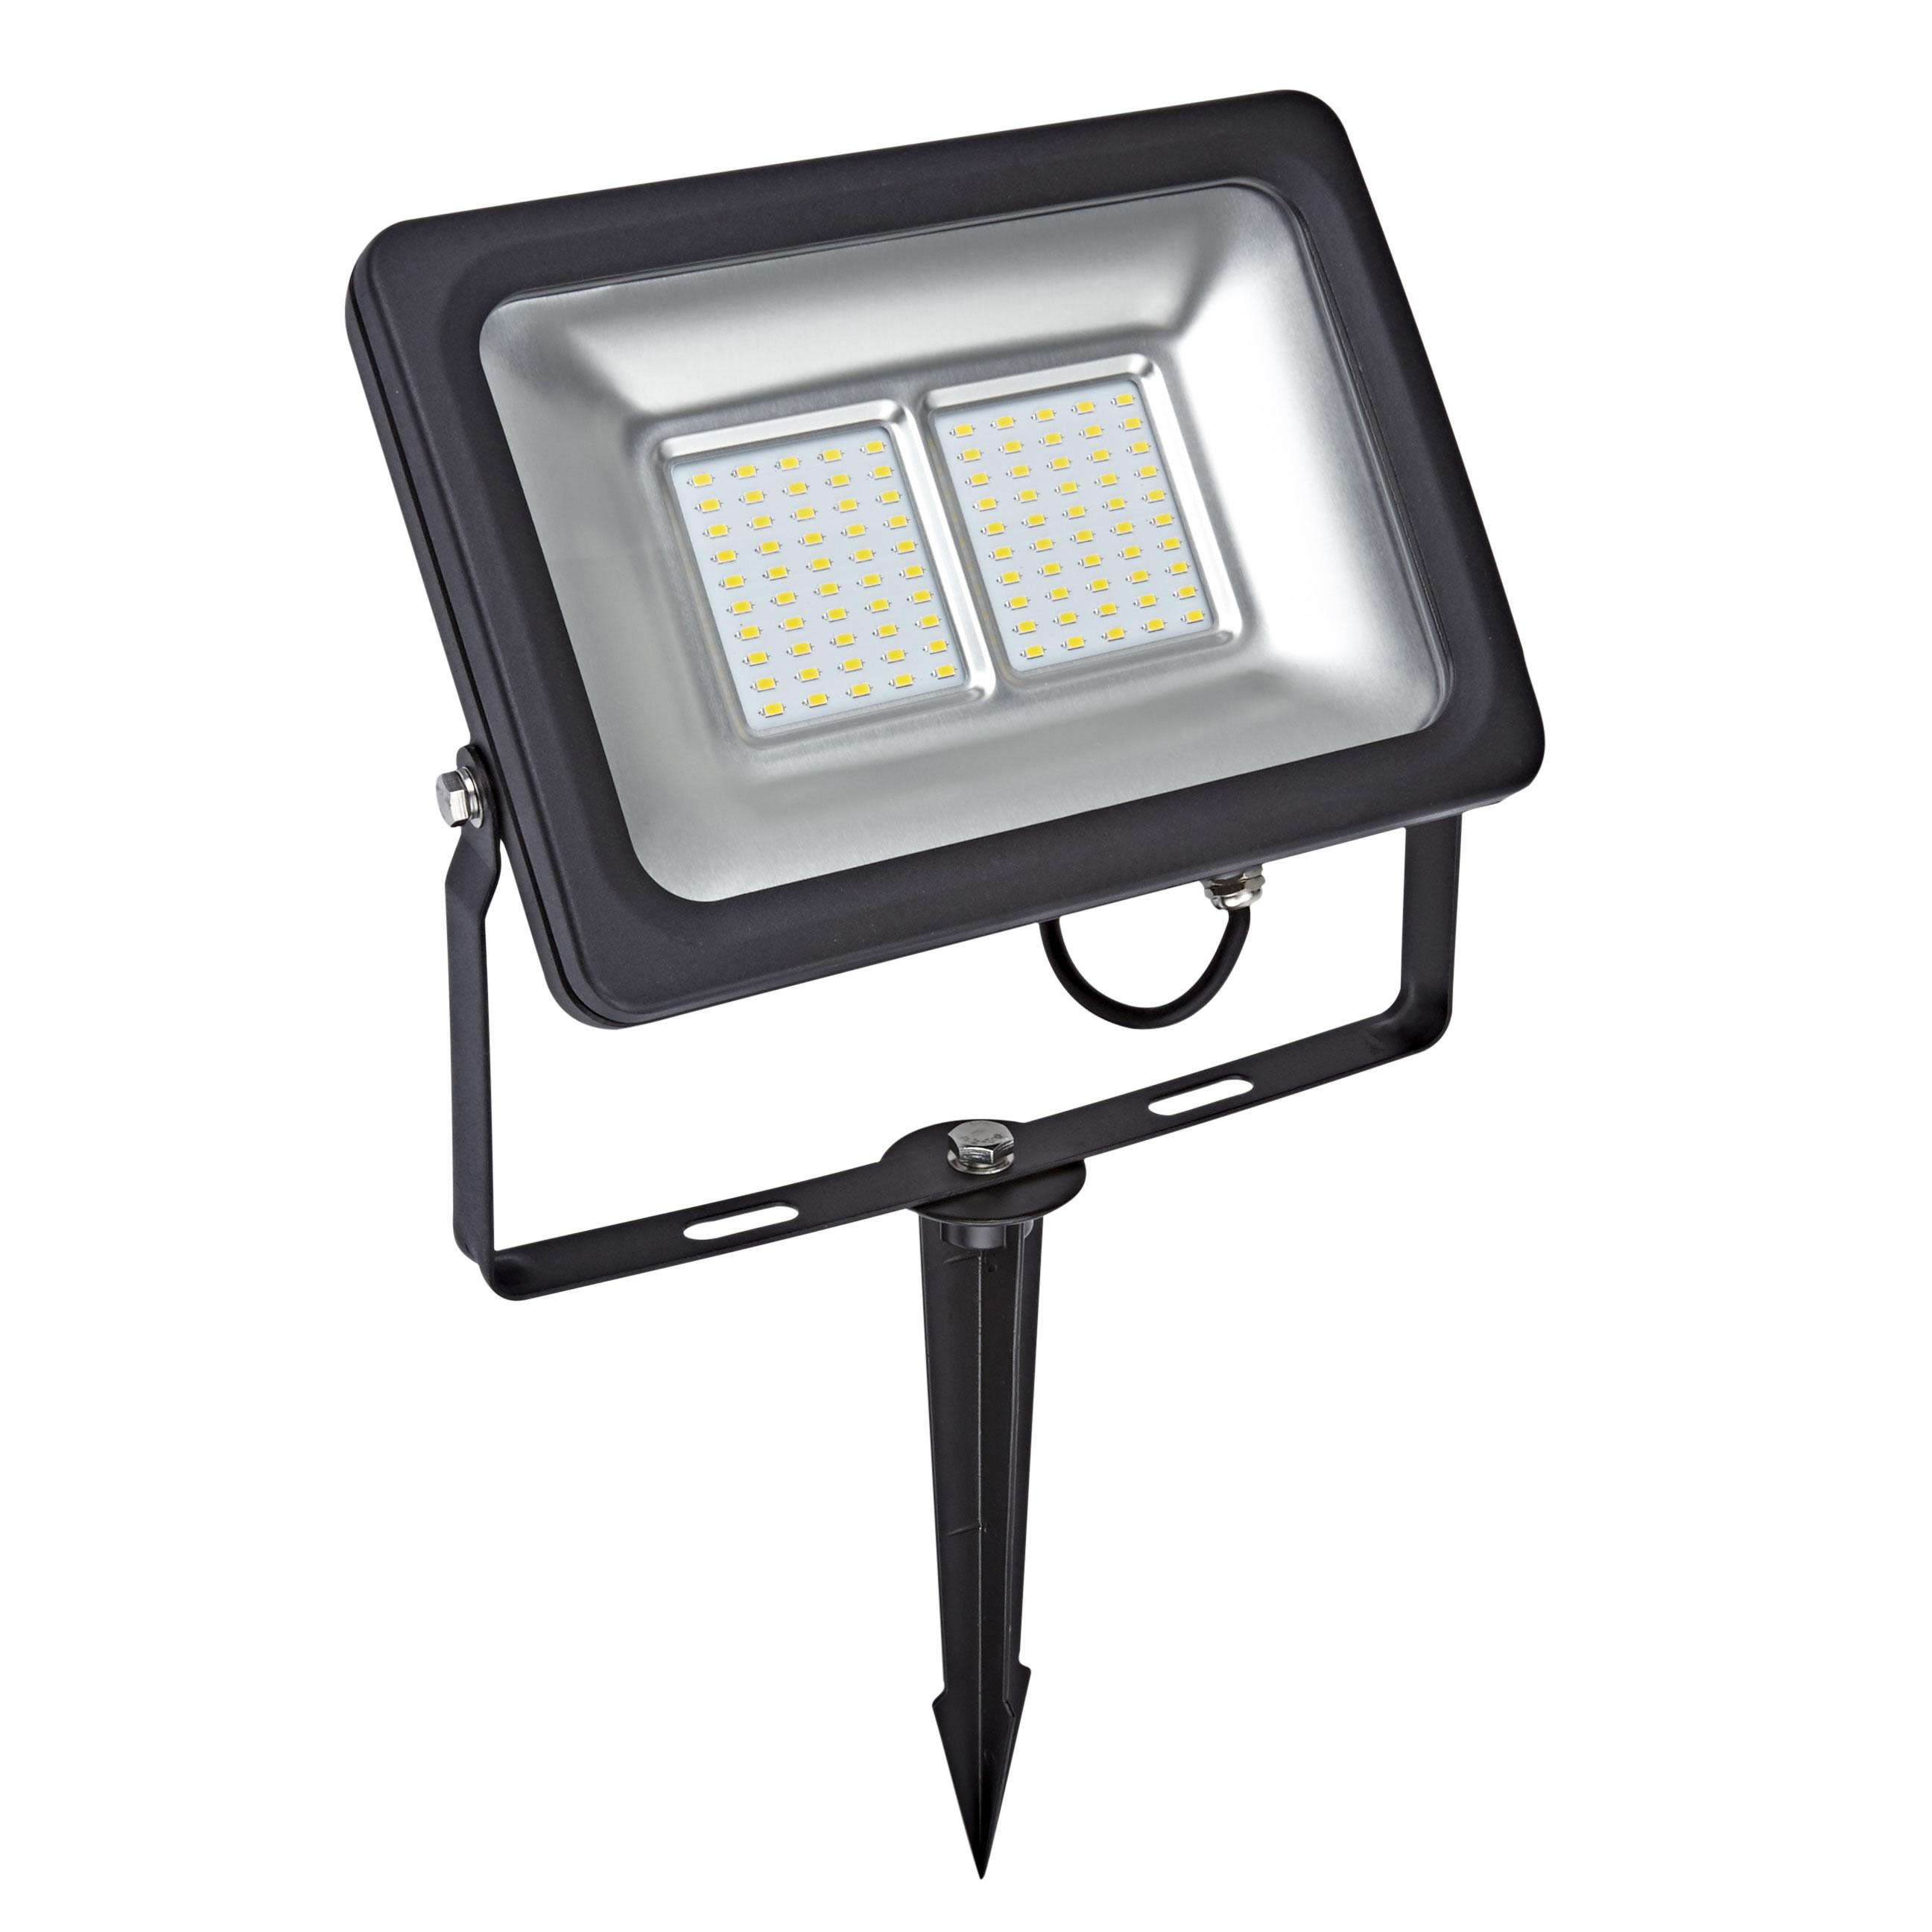 Kit LED per Esterni Completo di Picchetto da Pavimento per Faretto Esterno LED 50 Watt